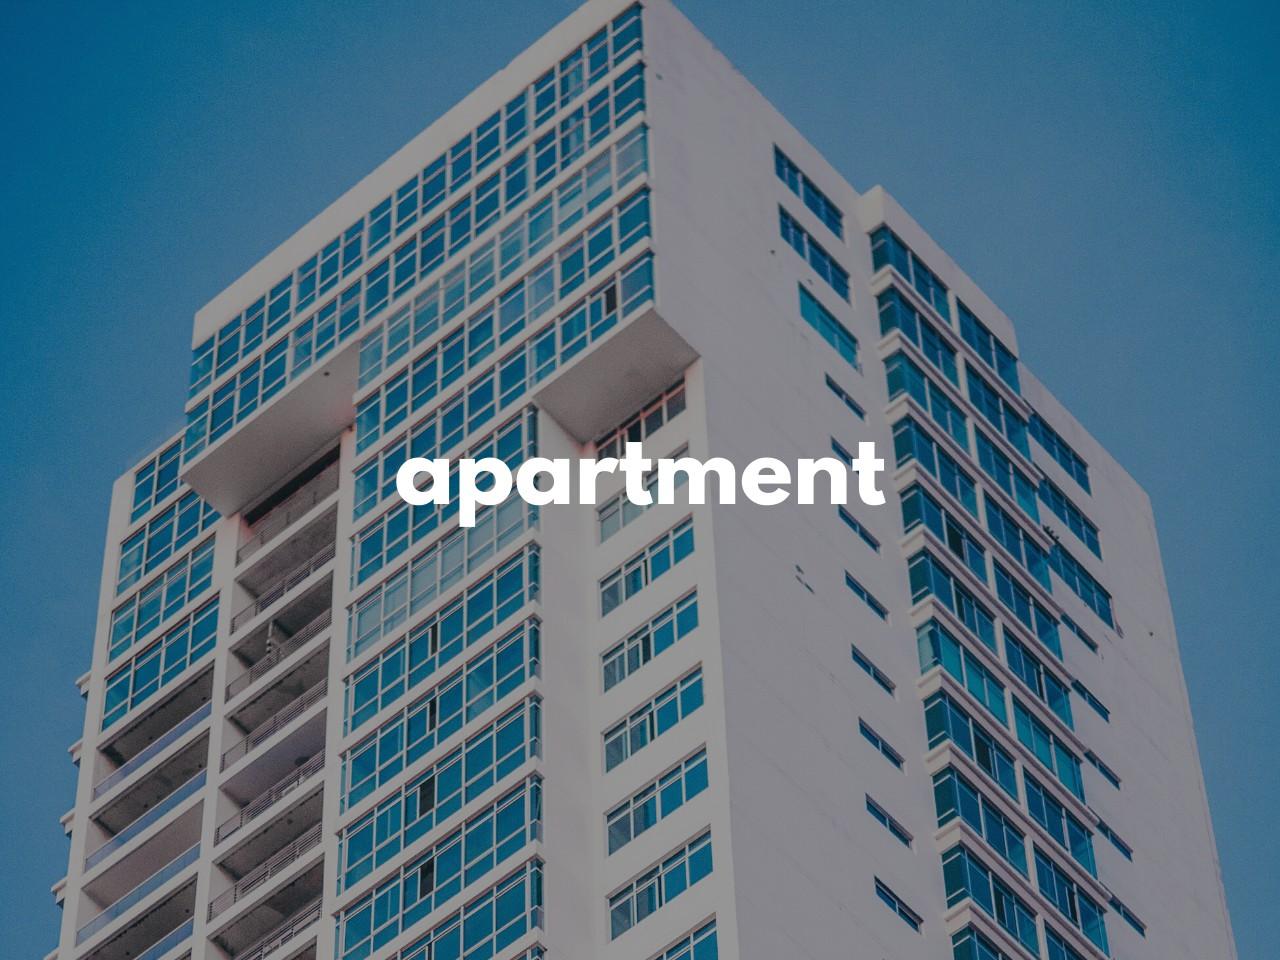 apartment : アパートメント